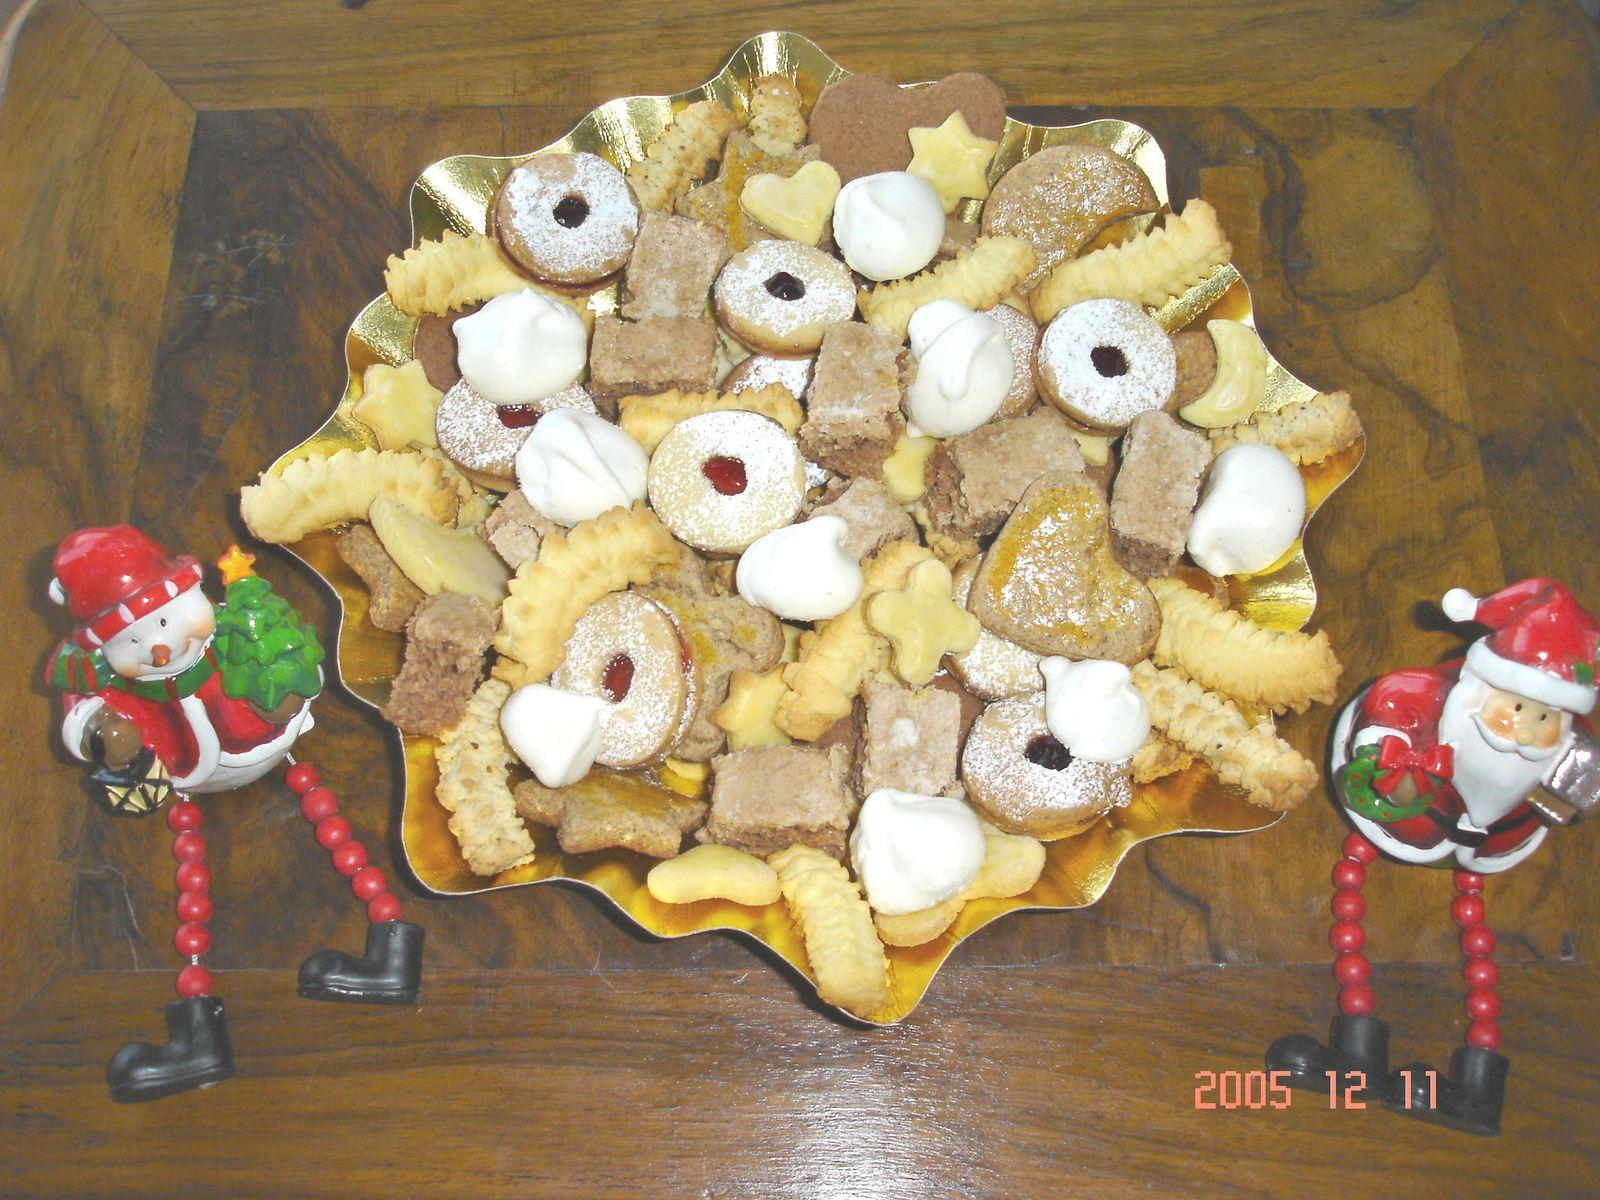 Butterbredle - Spritzbredle - Spritzbredle aux amandes - Sablés au chocolat en forme de coeur - Schwowebredle à la cannelle - Coquins gelée groseille et gelée mure - Petites Meringues - Croquets à l'orange